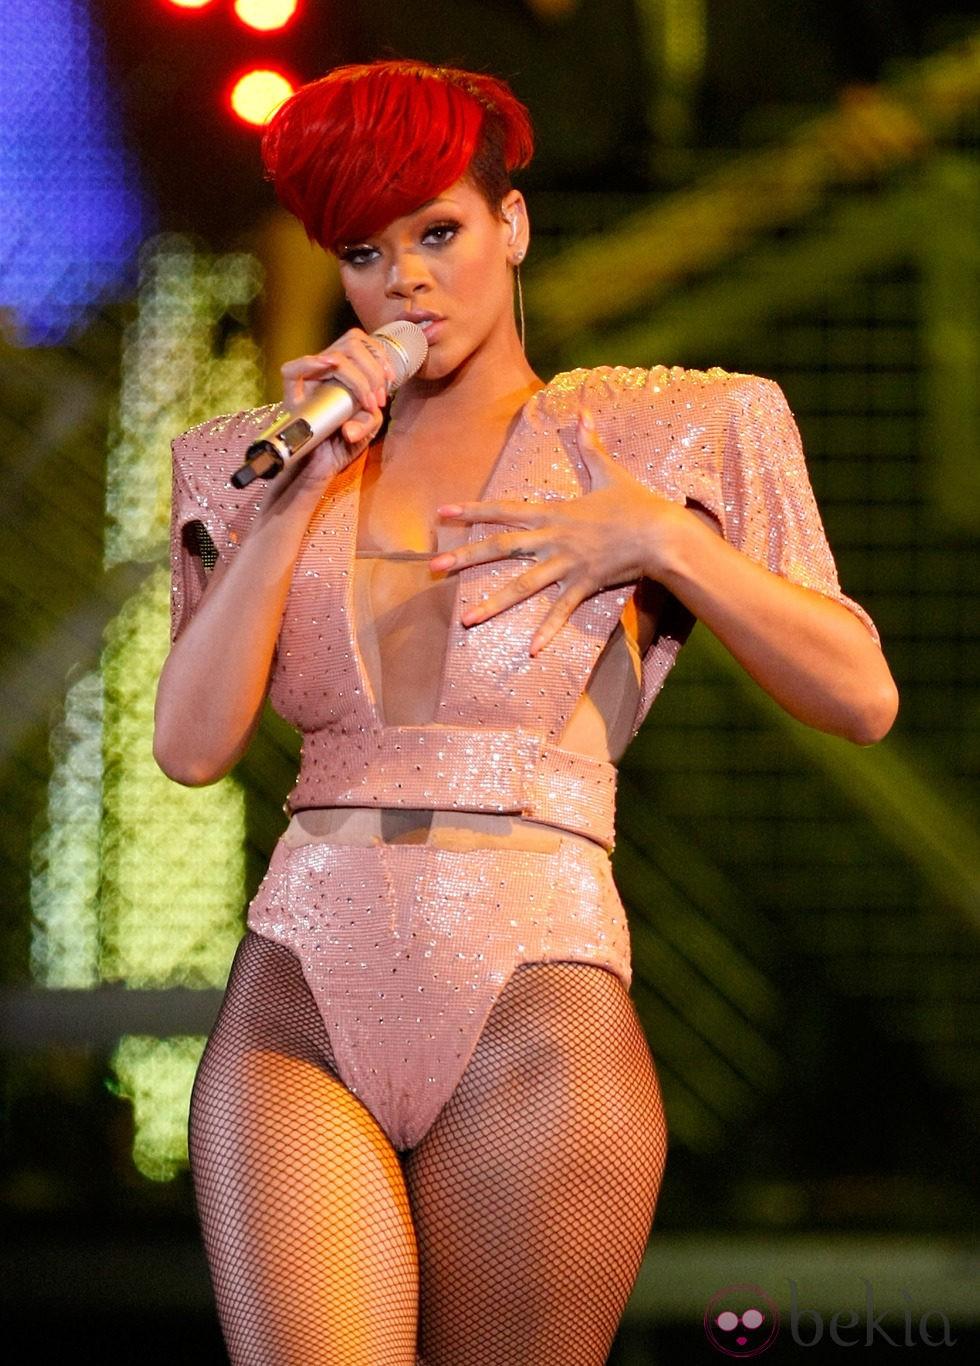 De Rihanna Con Pelo Corto Y Flequillo Con Corte Diagonal En Color Rojo